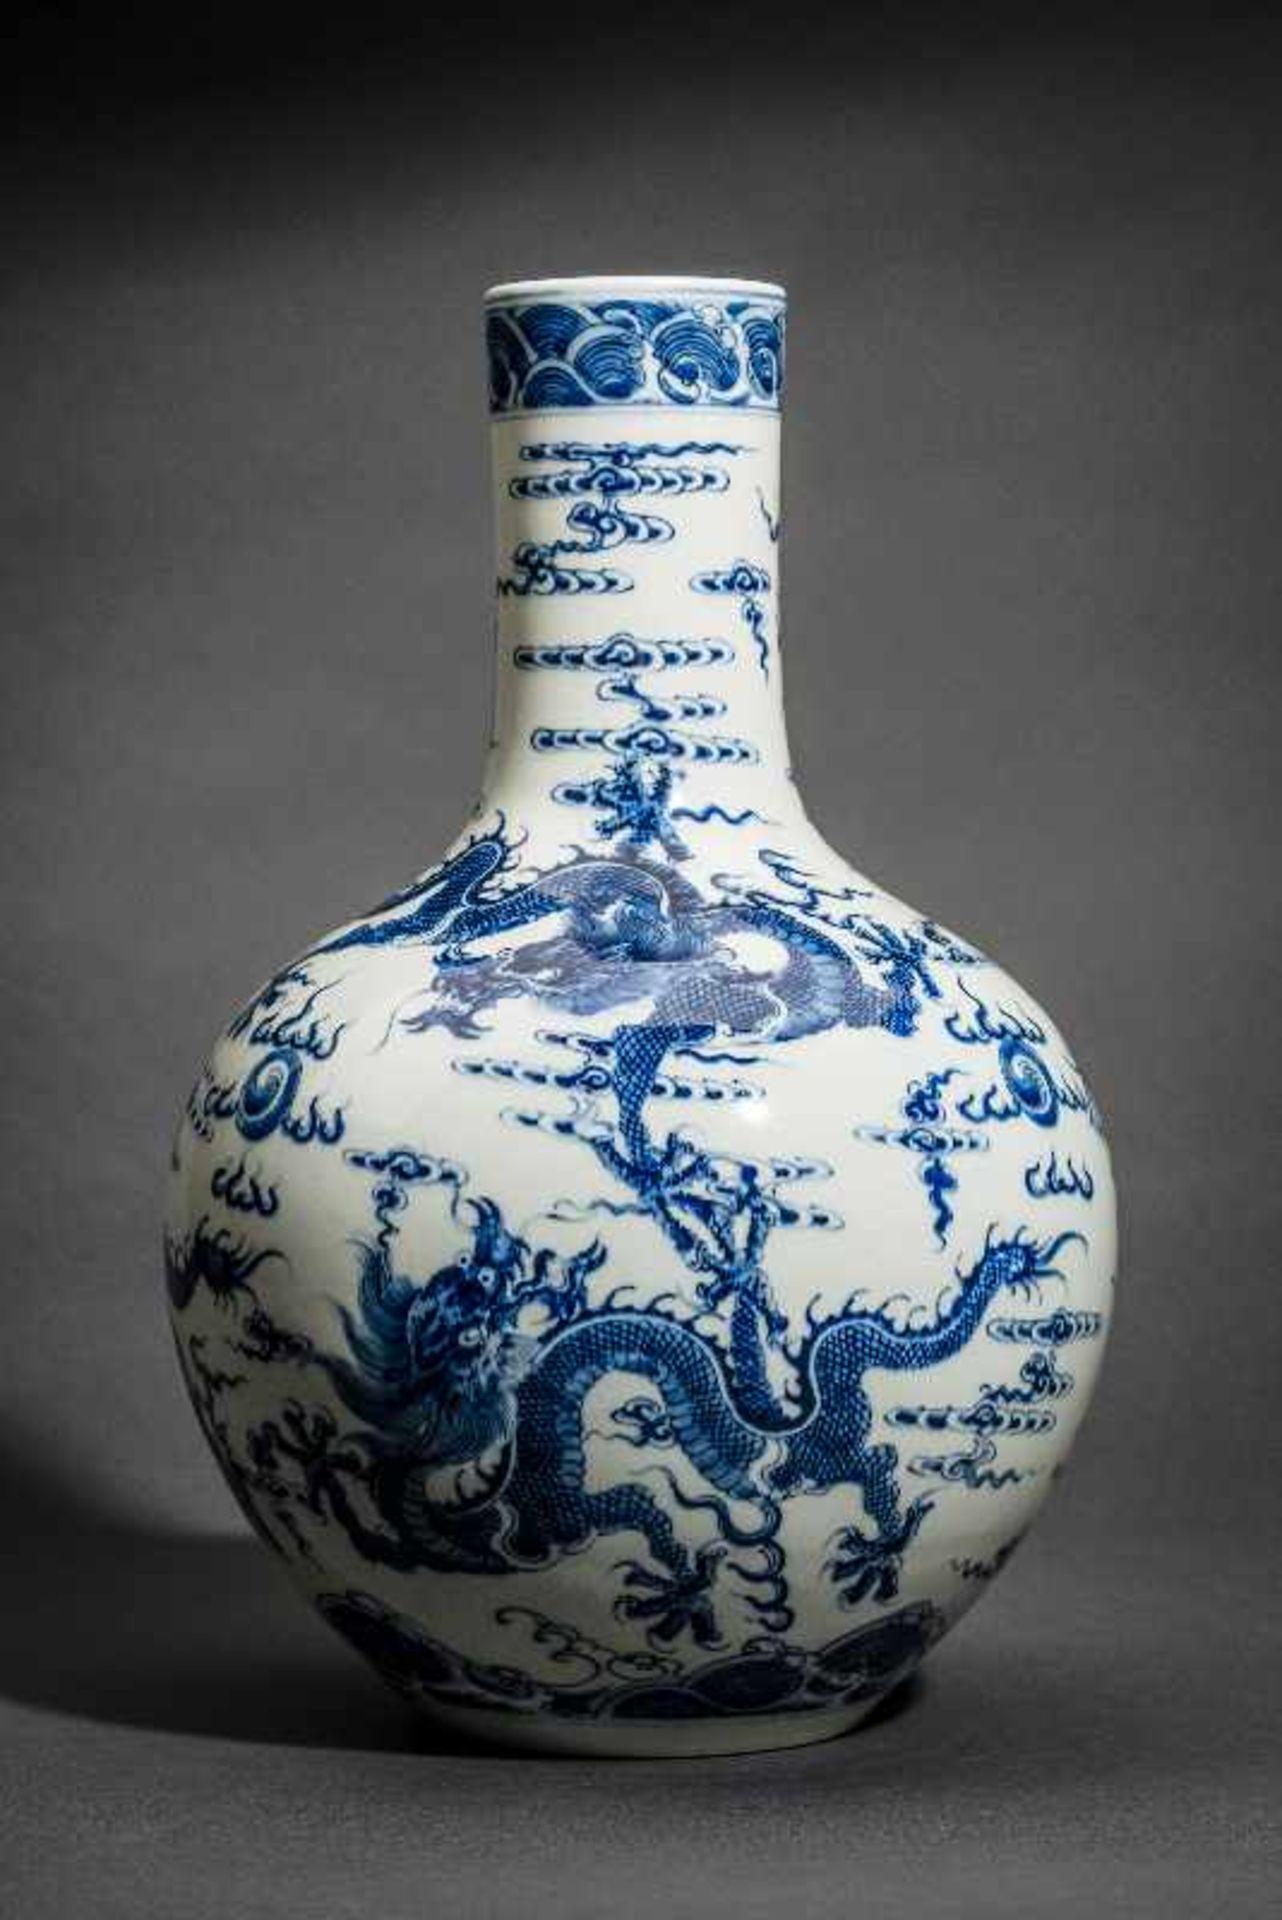 """VASE MIT FÜNF WILDEN DRACHEN Blauweißes Porzellan. China, Sehr belebt gemaltes Motiv """"Drachen in den - Image 3 of 5"""